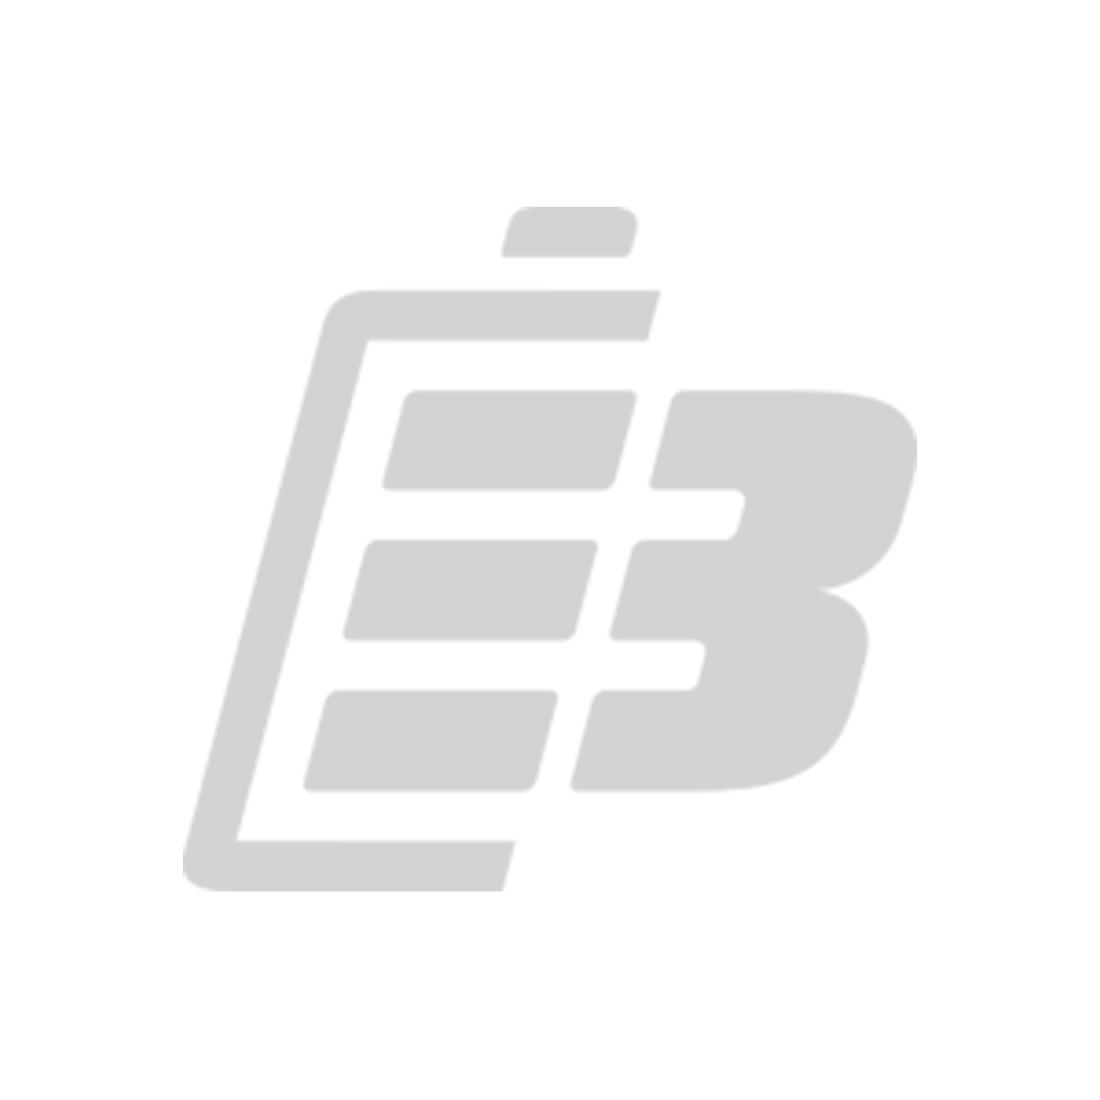 Μπαταρία ηλεκτρικού εργαλείου Bosch 14.4V 2.2Ah_1